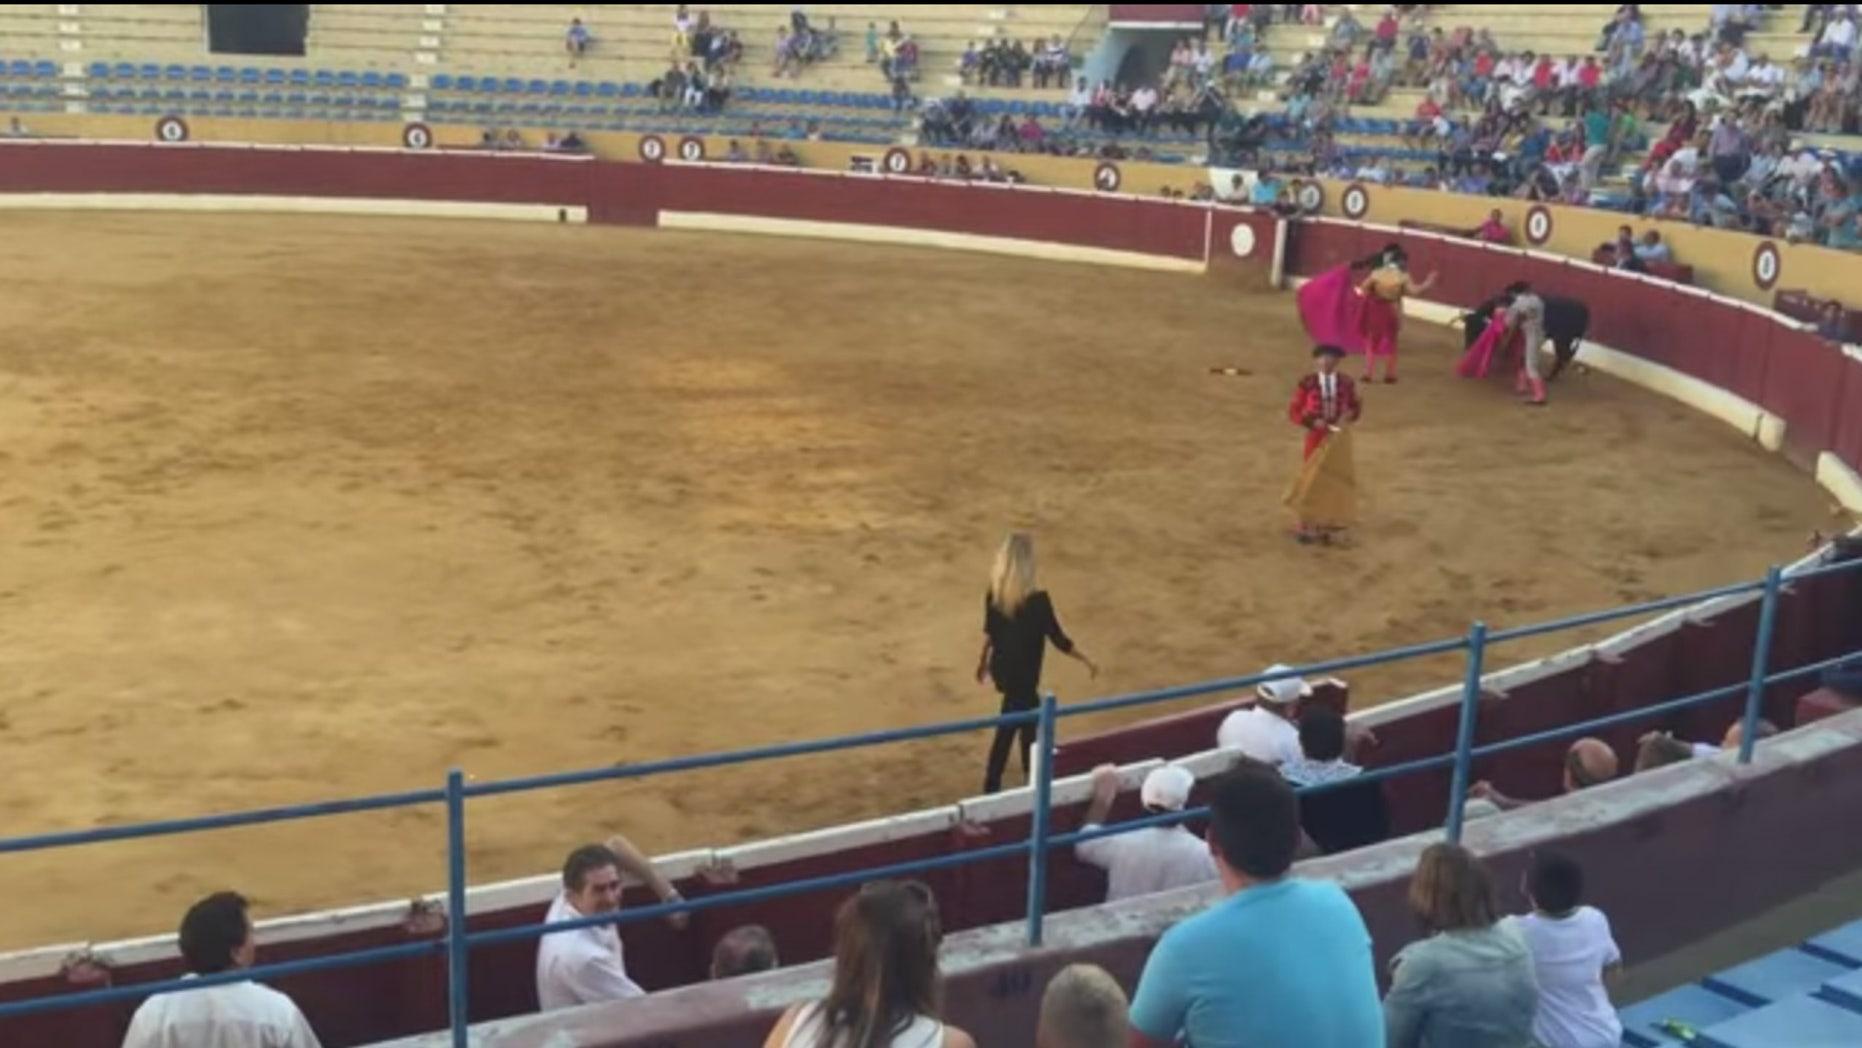 Swedish Porn Star Jumps Into Spanish Bullfighting Ring To -7562